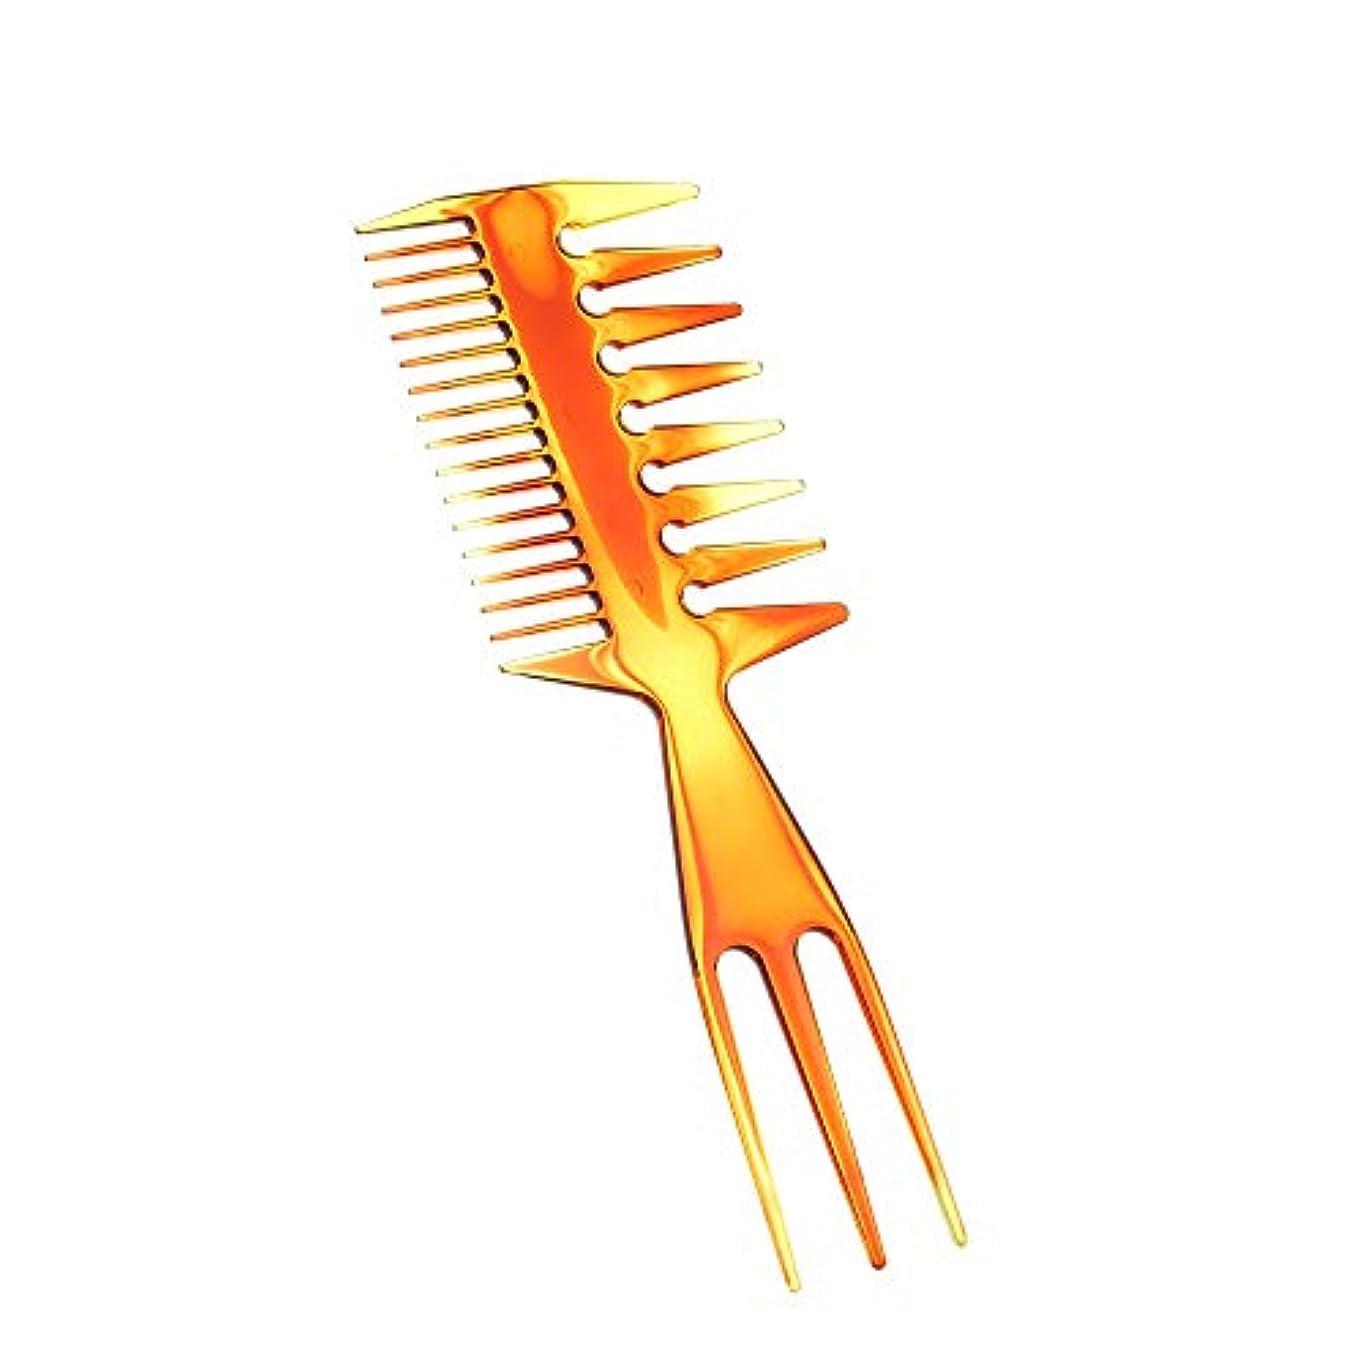 誠実ゲインセイ流体Decdeal 櫛 多機能 理髪 くし メンズ スタイリングヘアサロンコーム